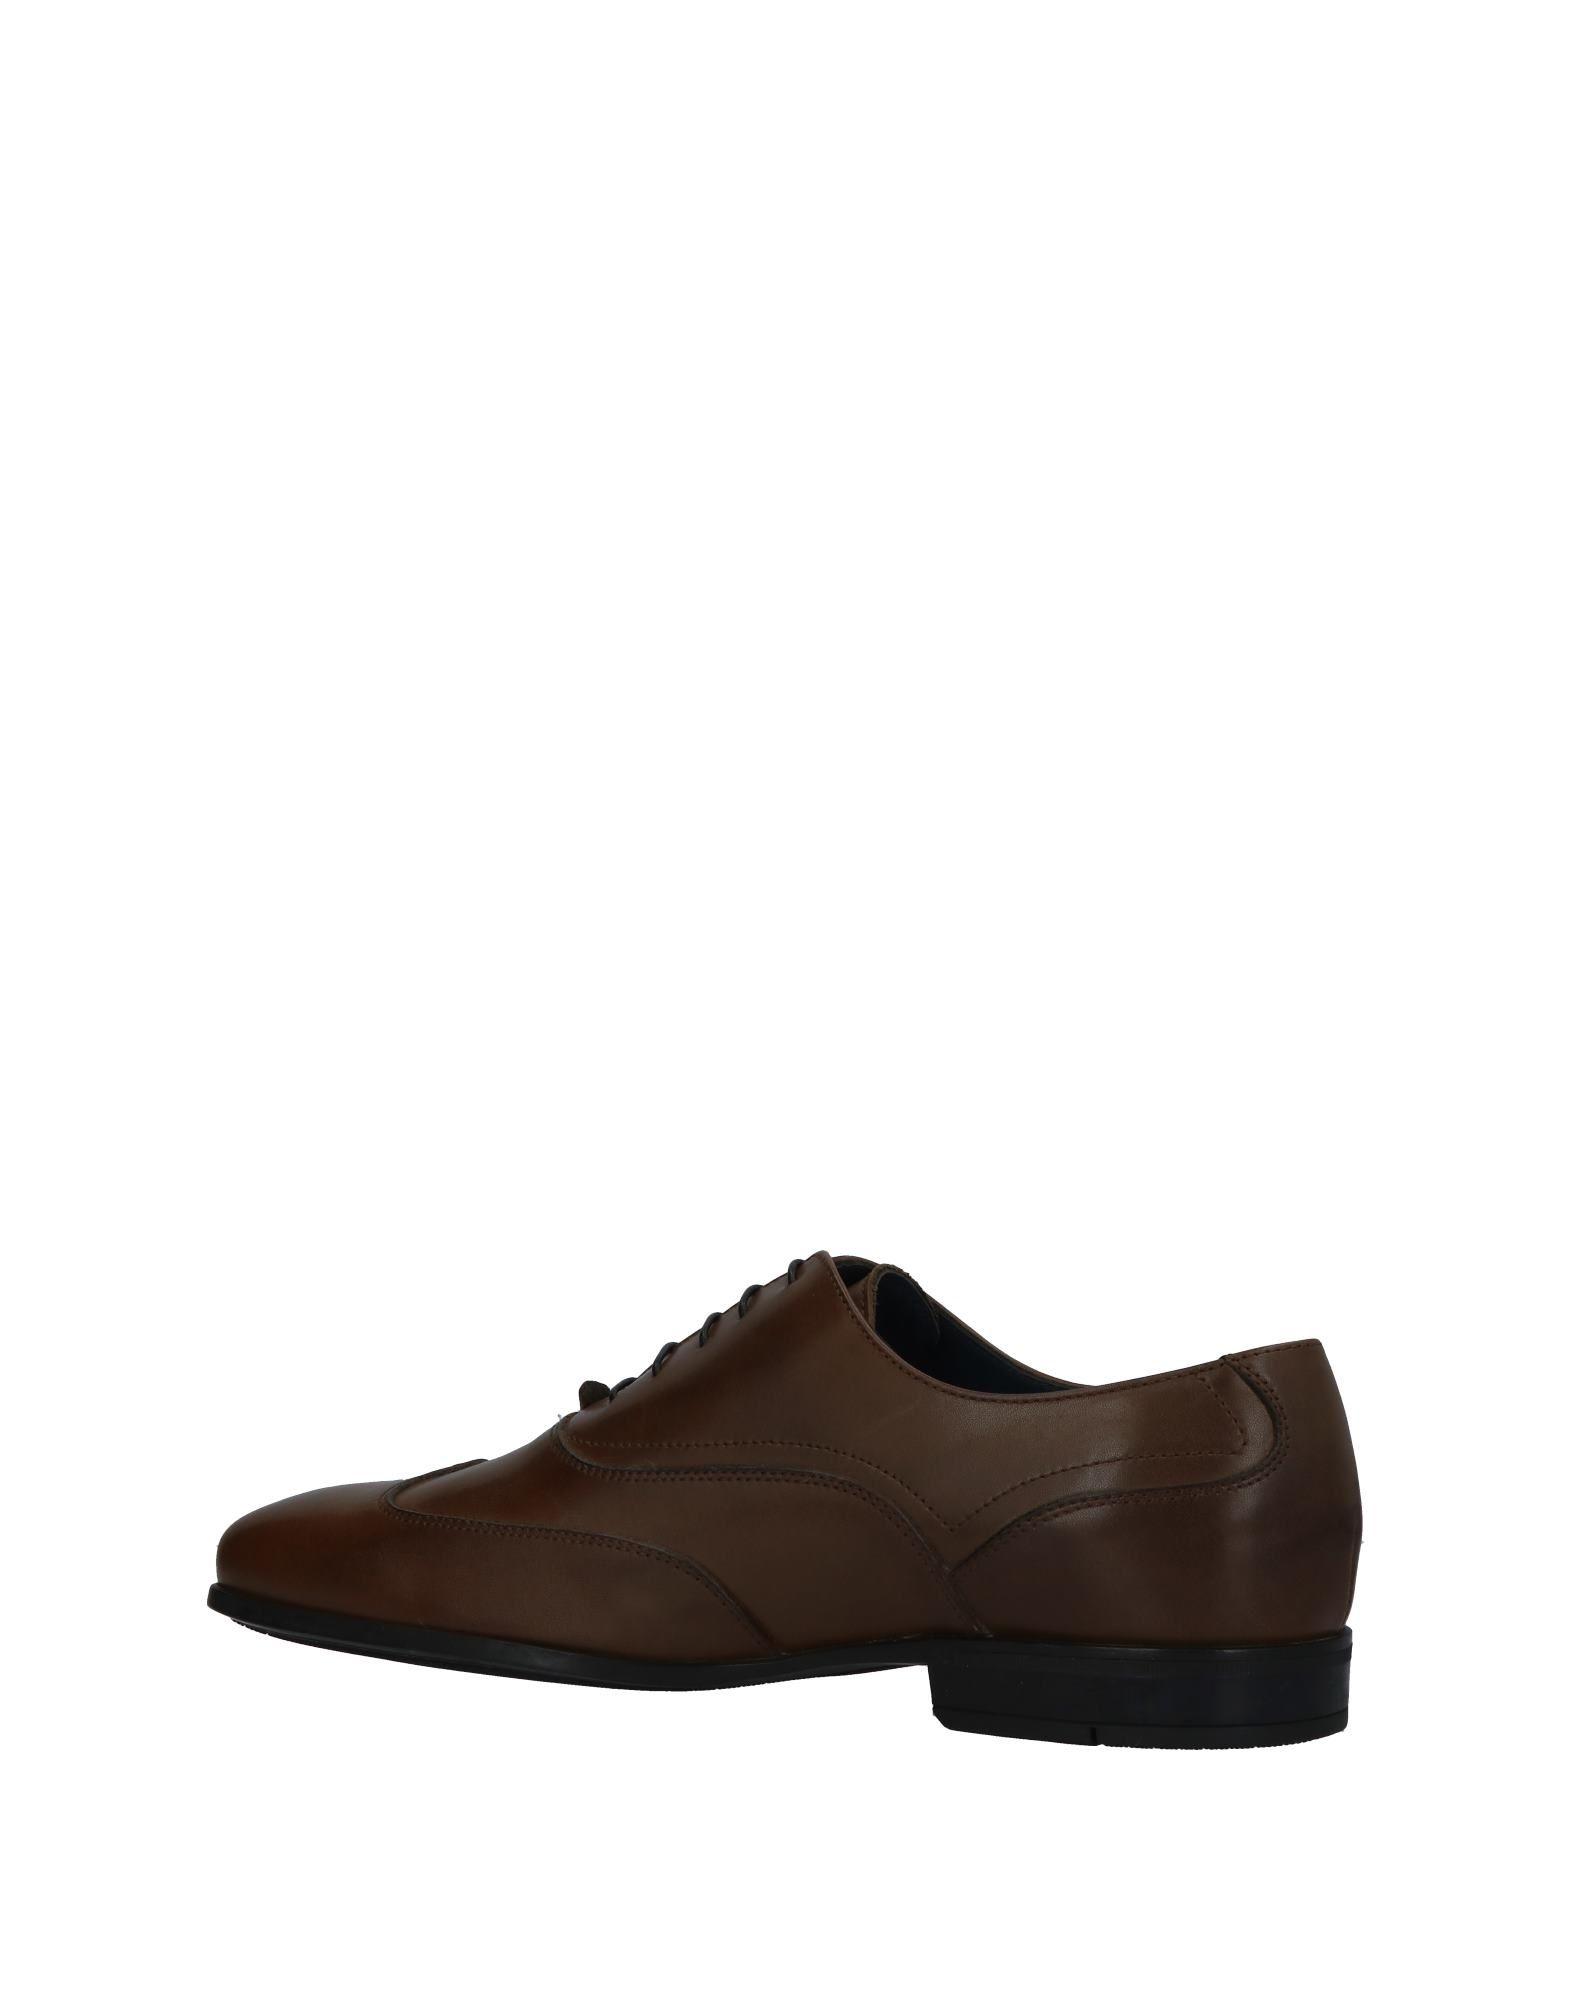 Rabatt echte Schuhe Fabiano Ricci Schnürschuhe Herren  11375026PF